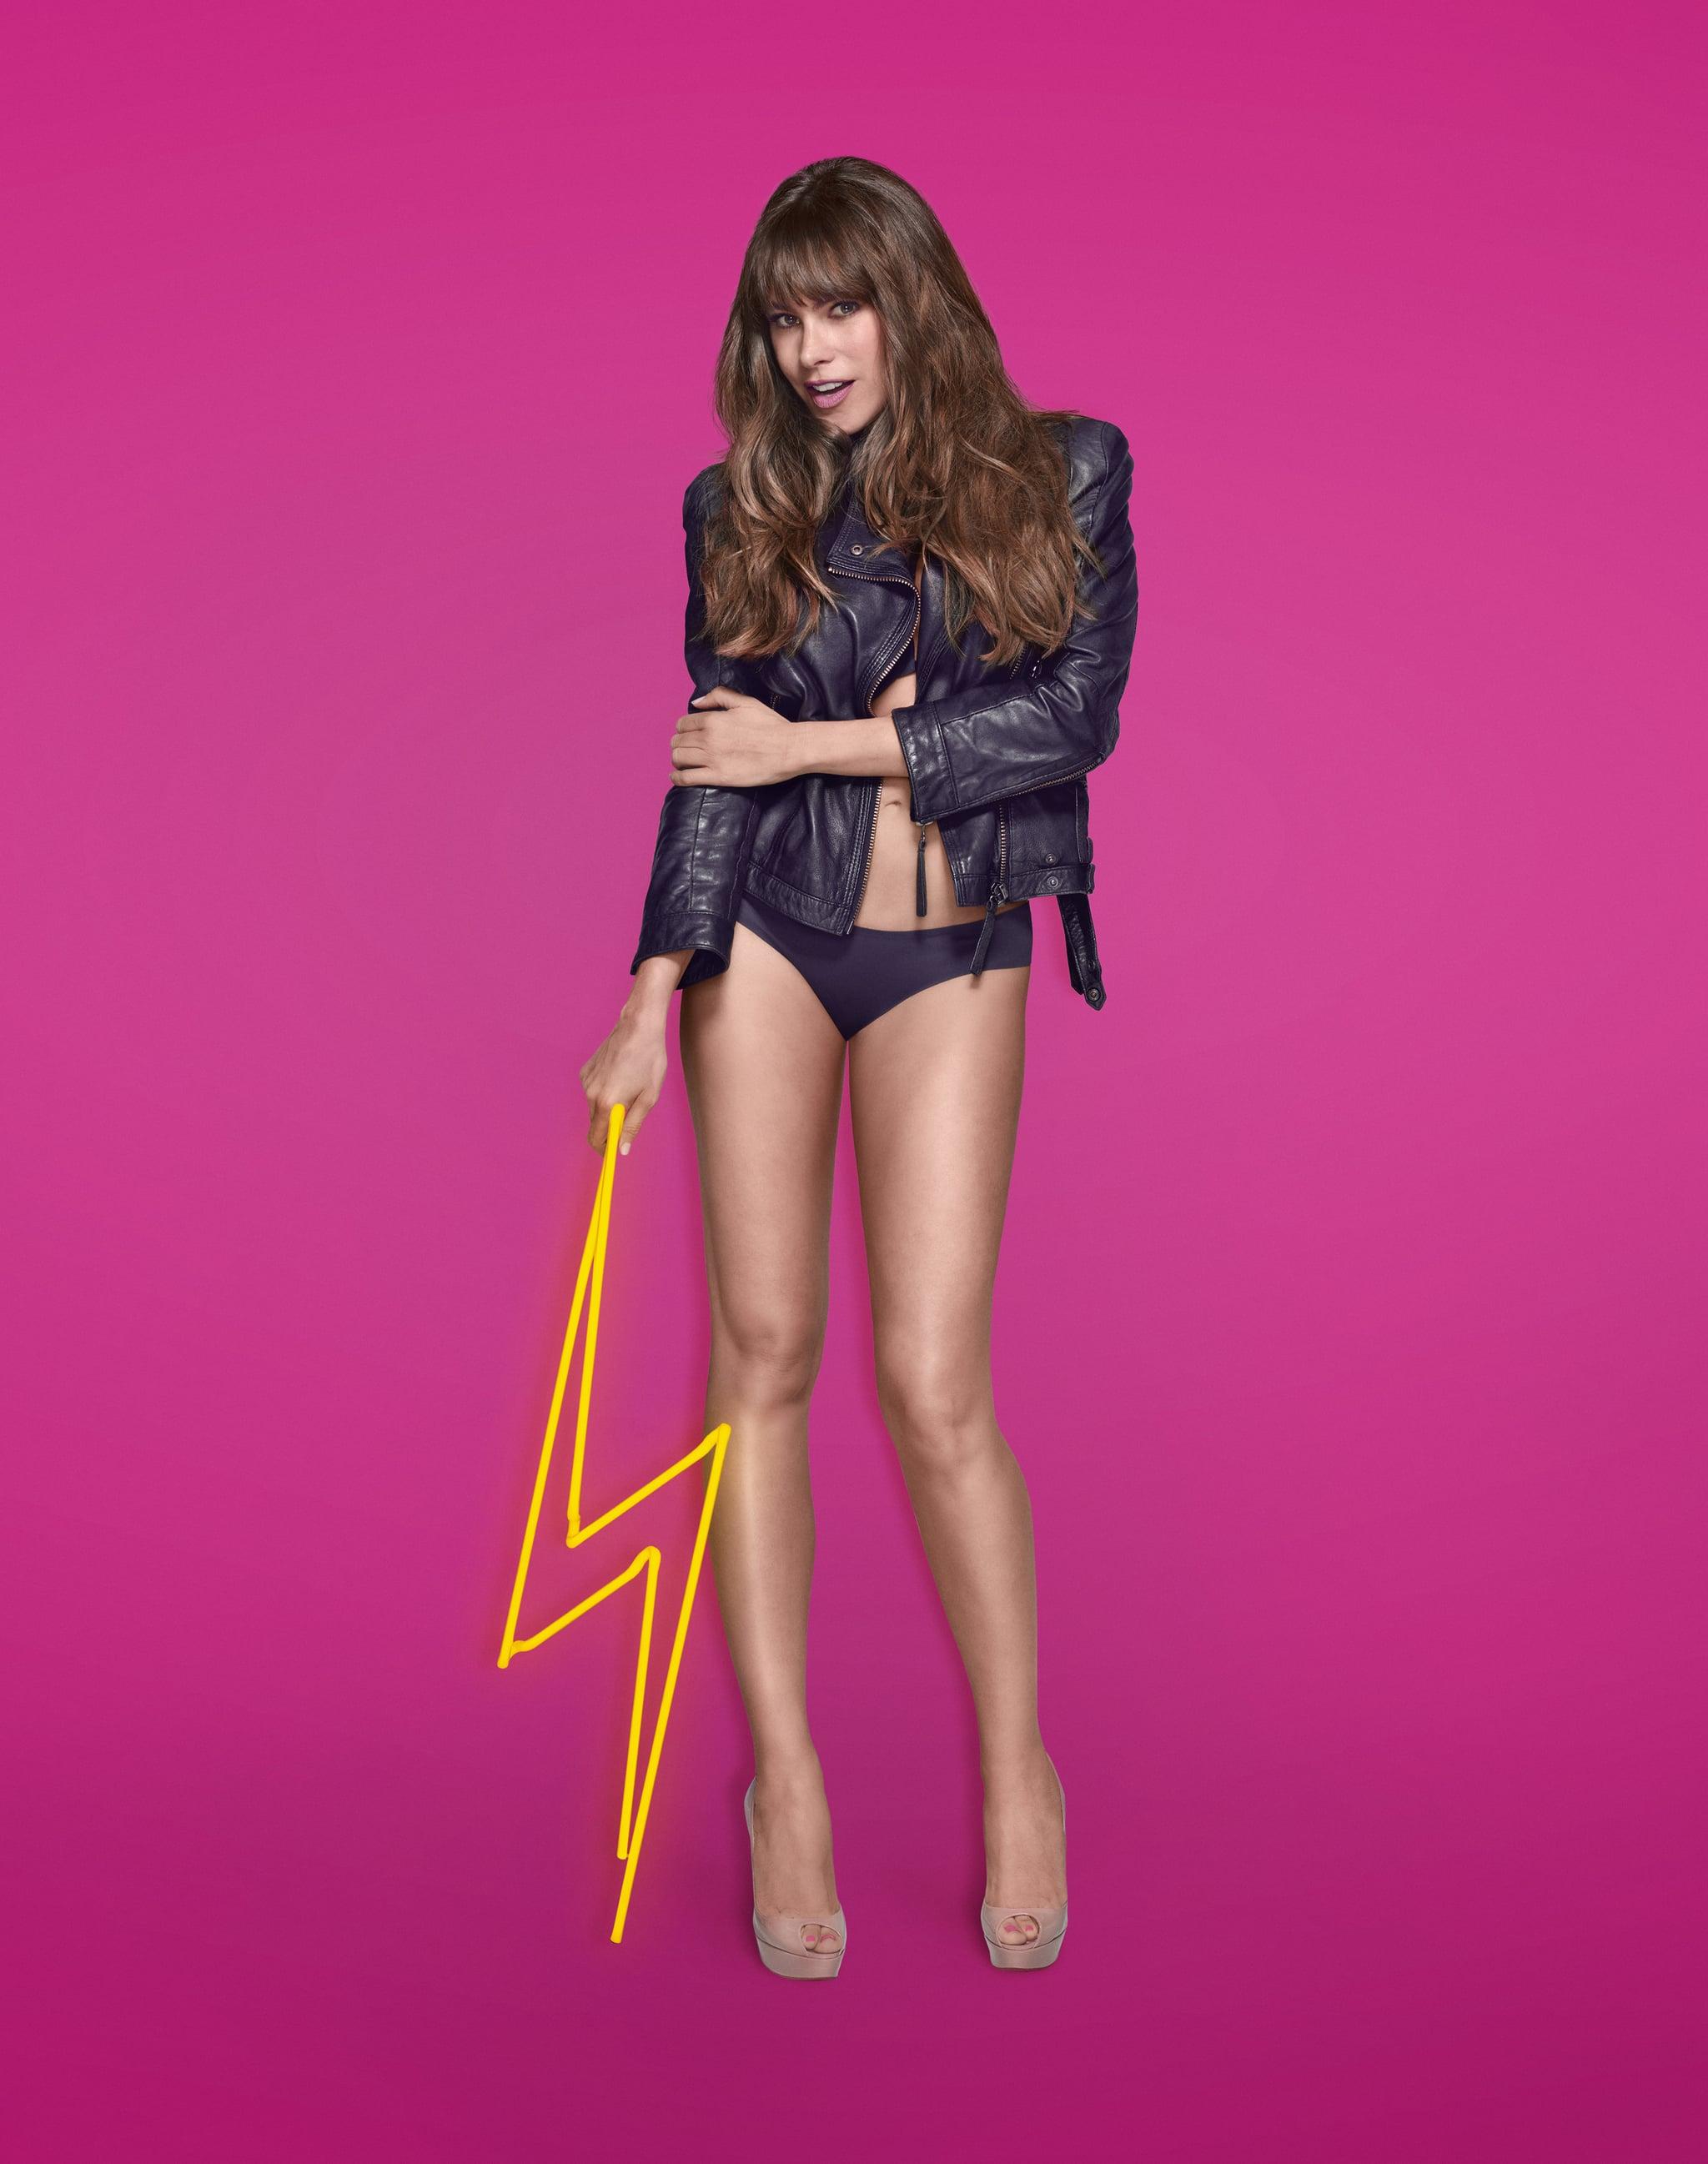 Sofia Vergara Underwear Line EBY